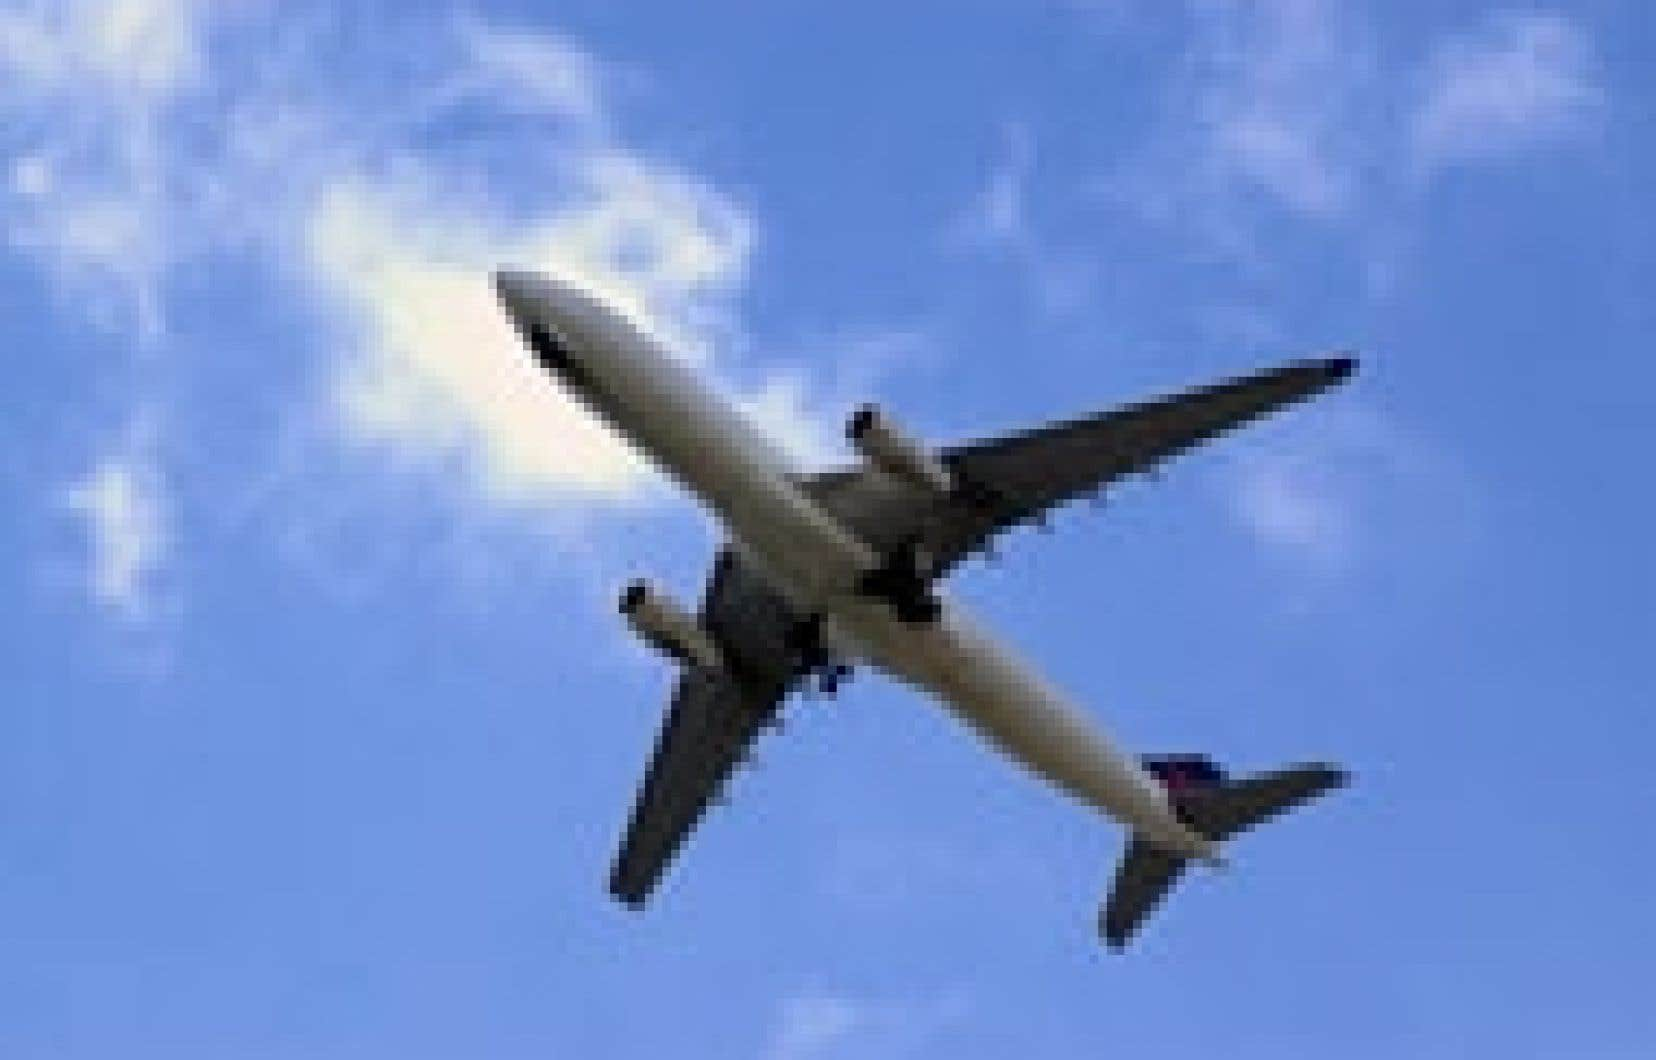 L'aviation est responsable de 4 % des émissions de gaz à effet de serre d'origine humaine chaque année.